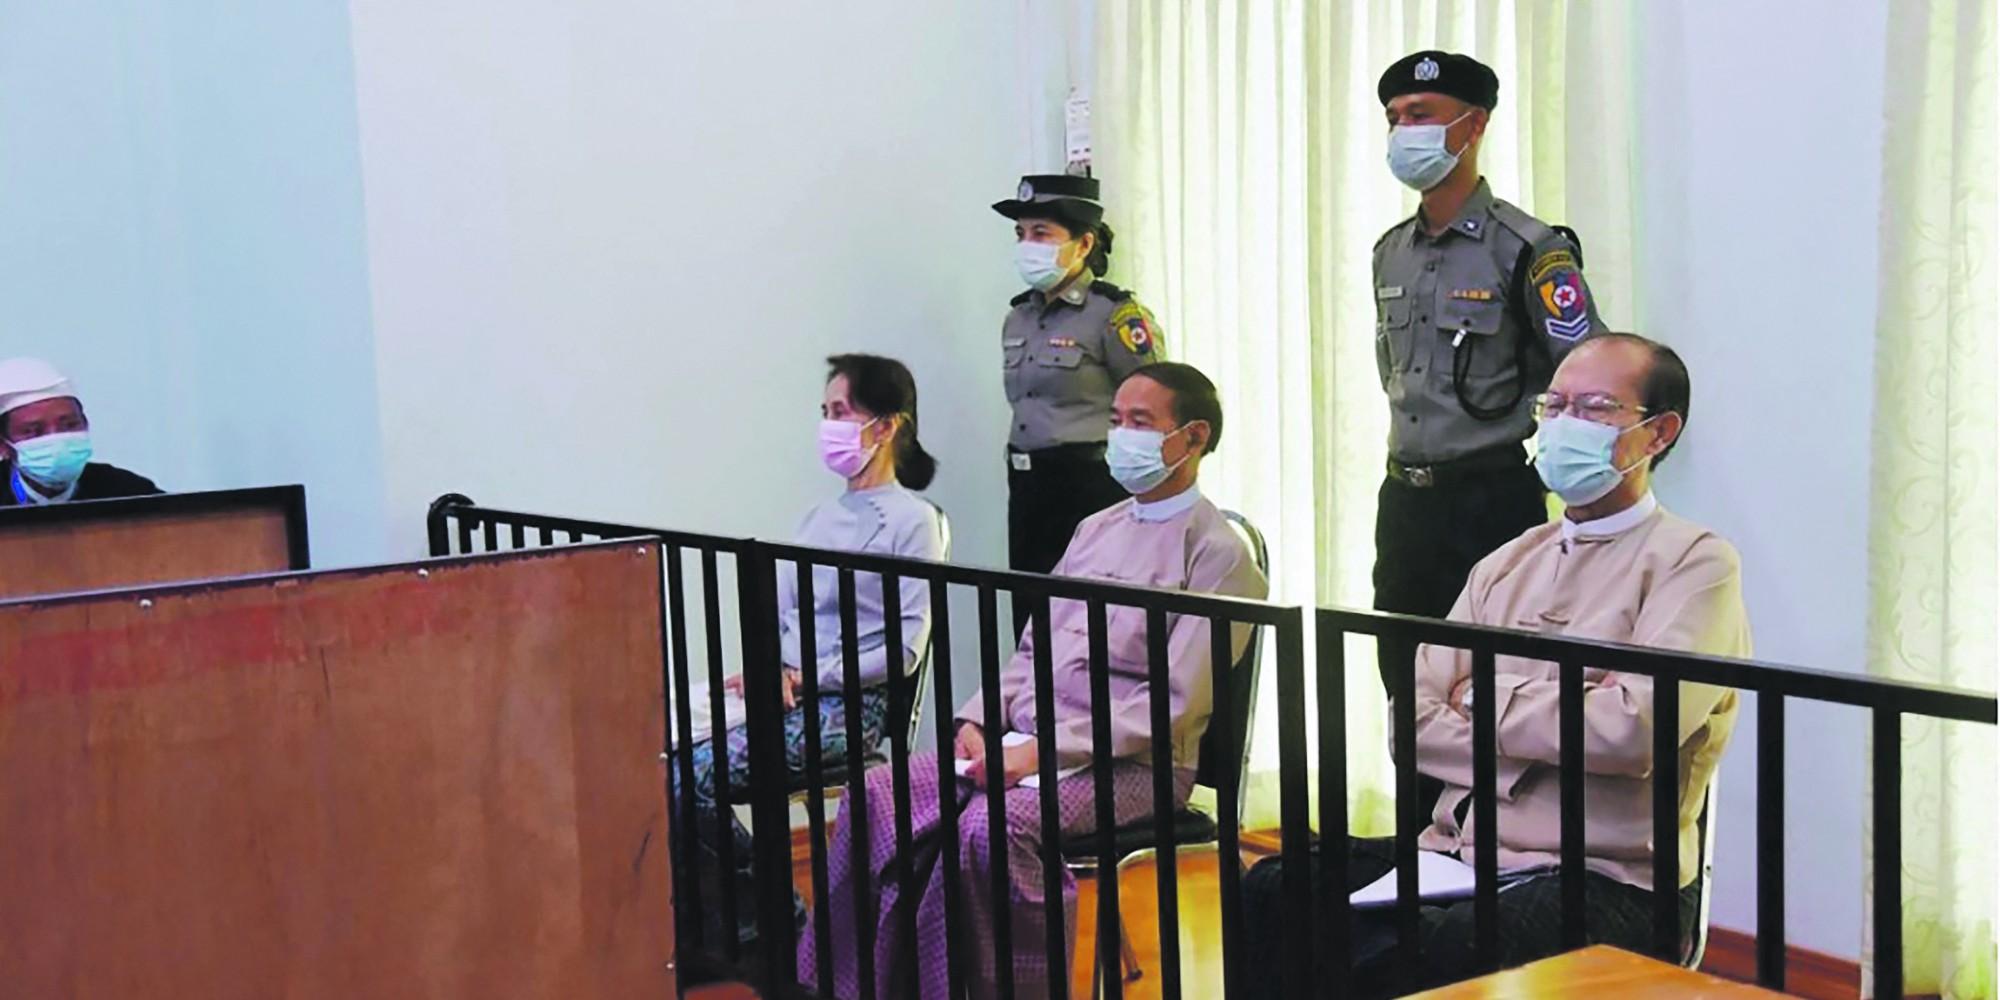 Birmanie : le marathon judiciaire d'Aung San Suu Kyi continue dans une indifférence quasi générale